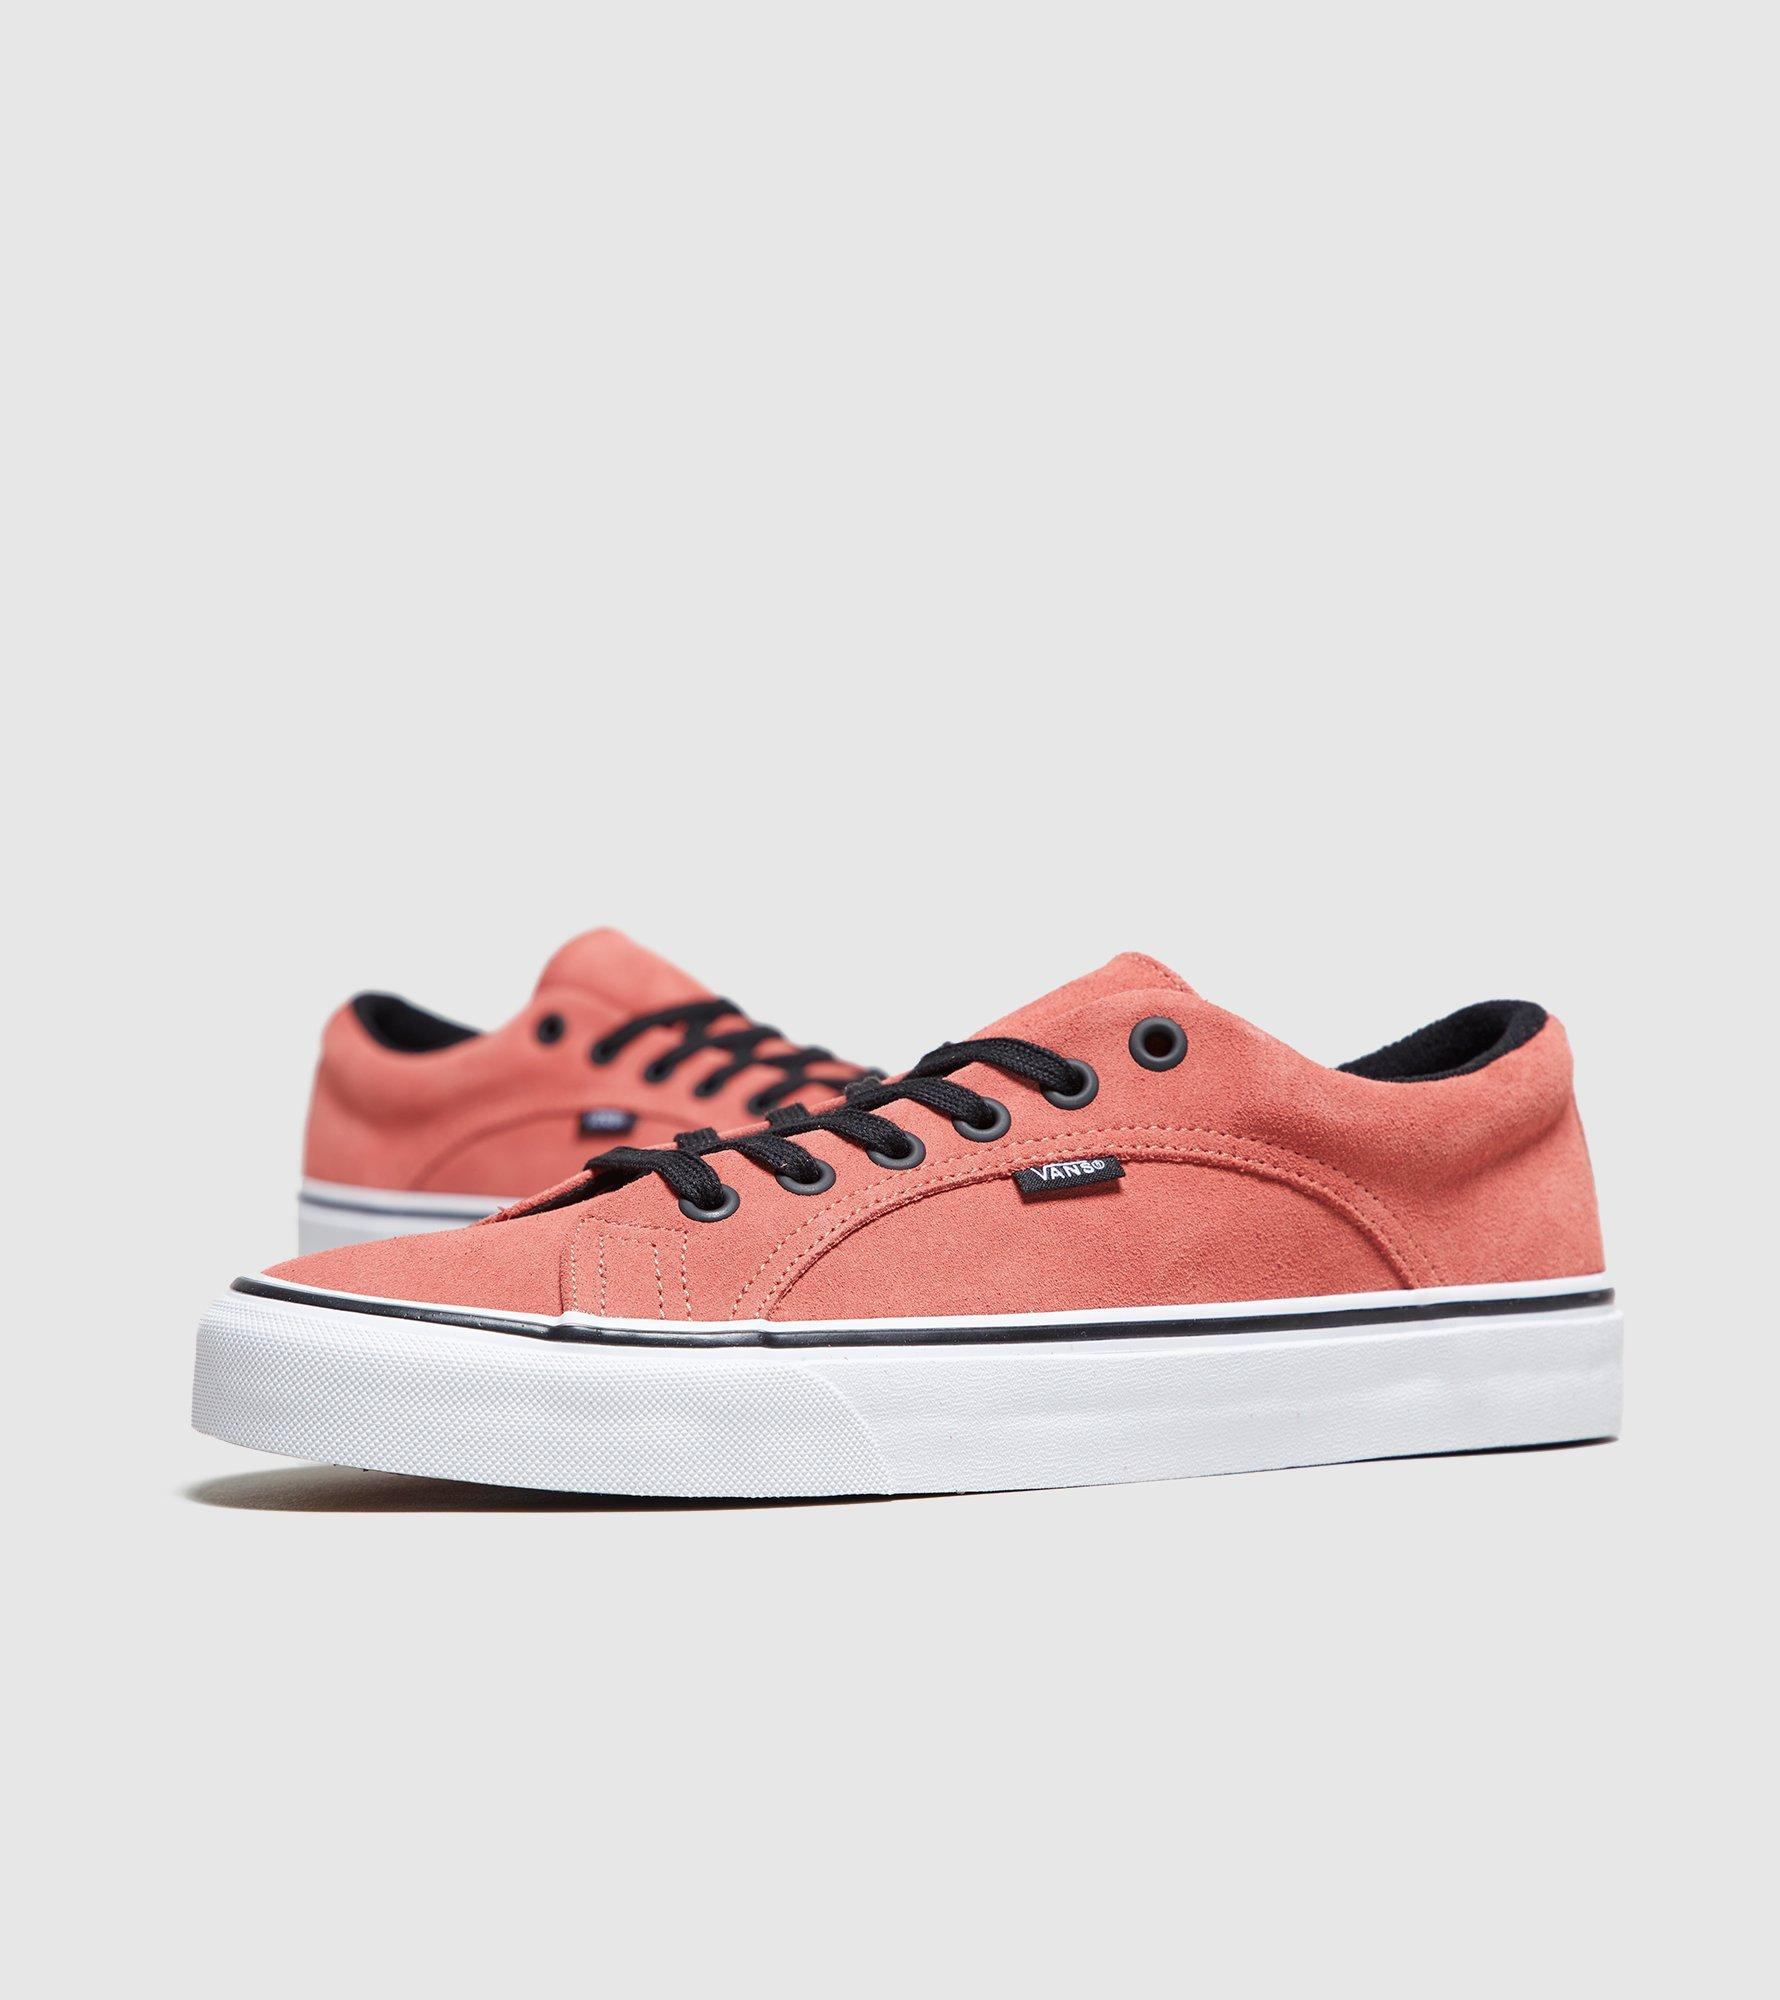 8854afd2b1b Vans Lampin in Pink for Men - Save 40.19607843137255% - Lyst